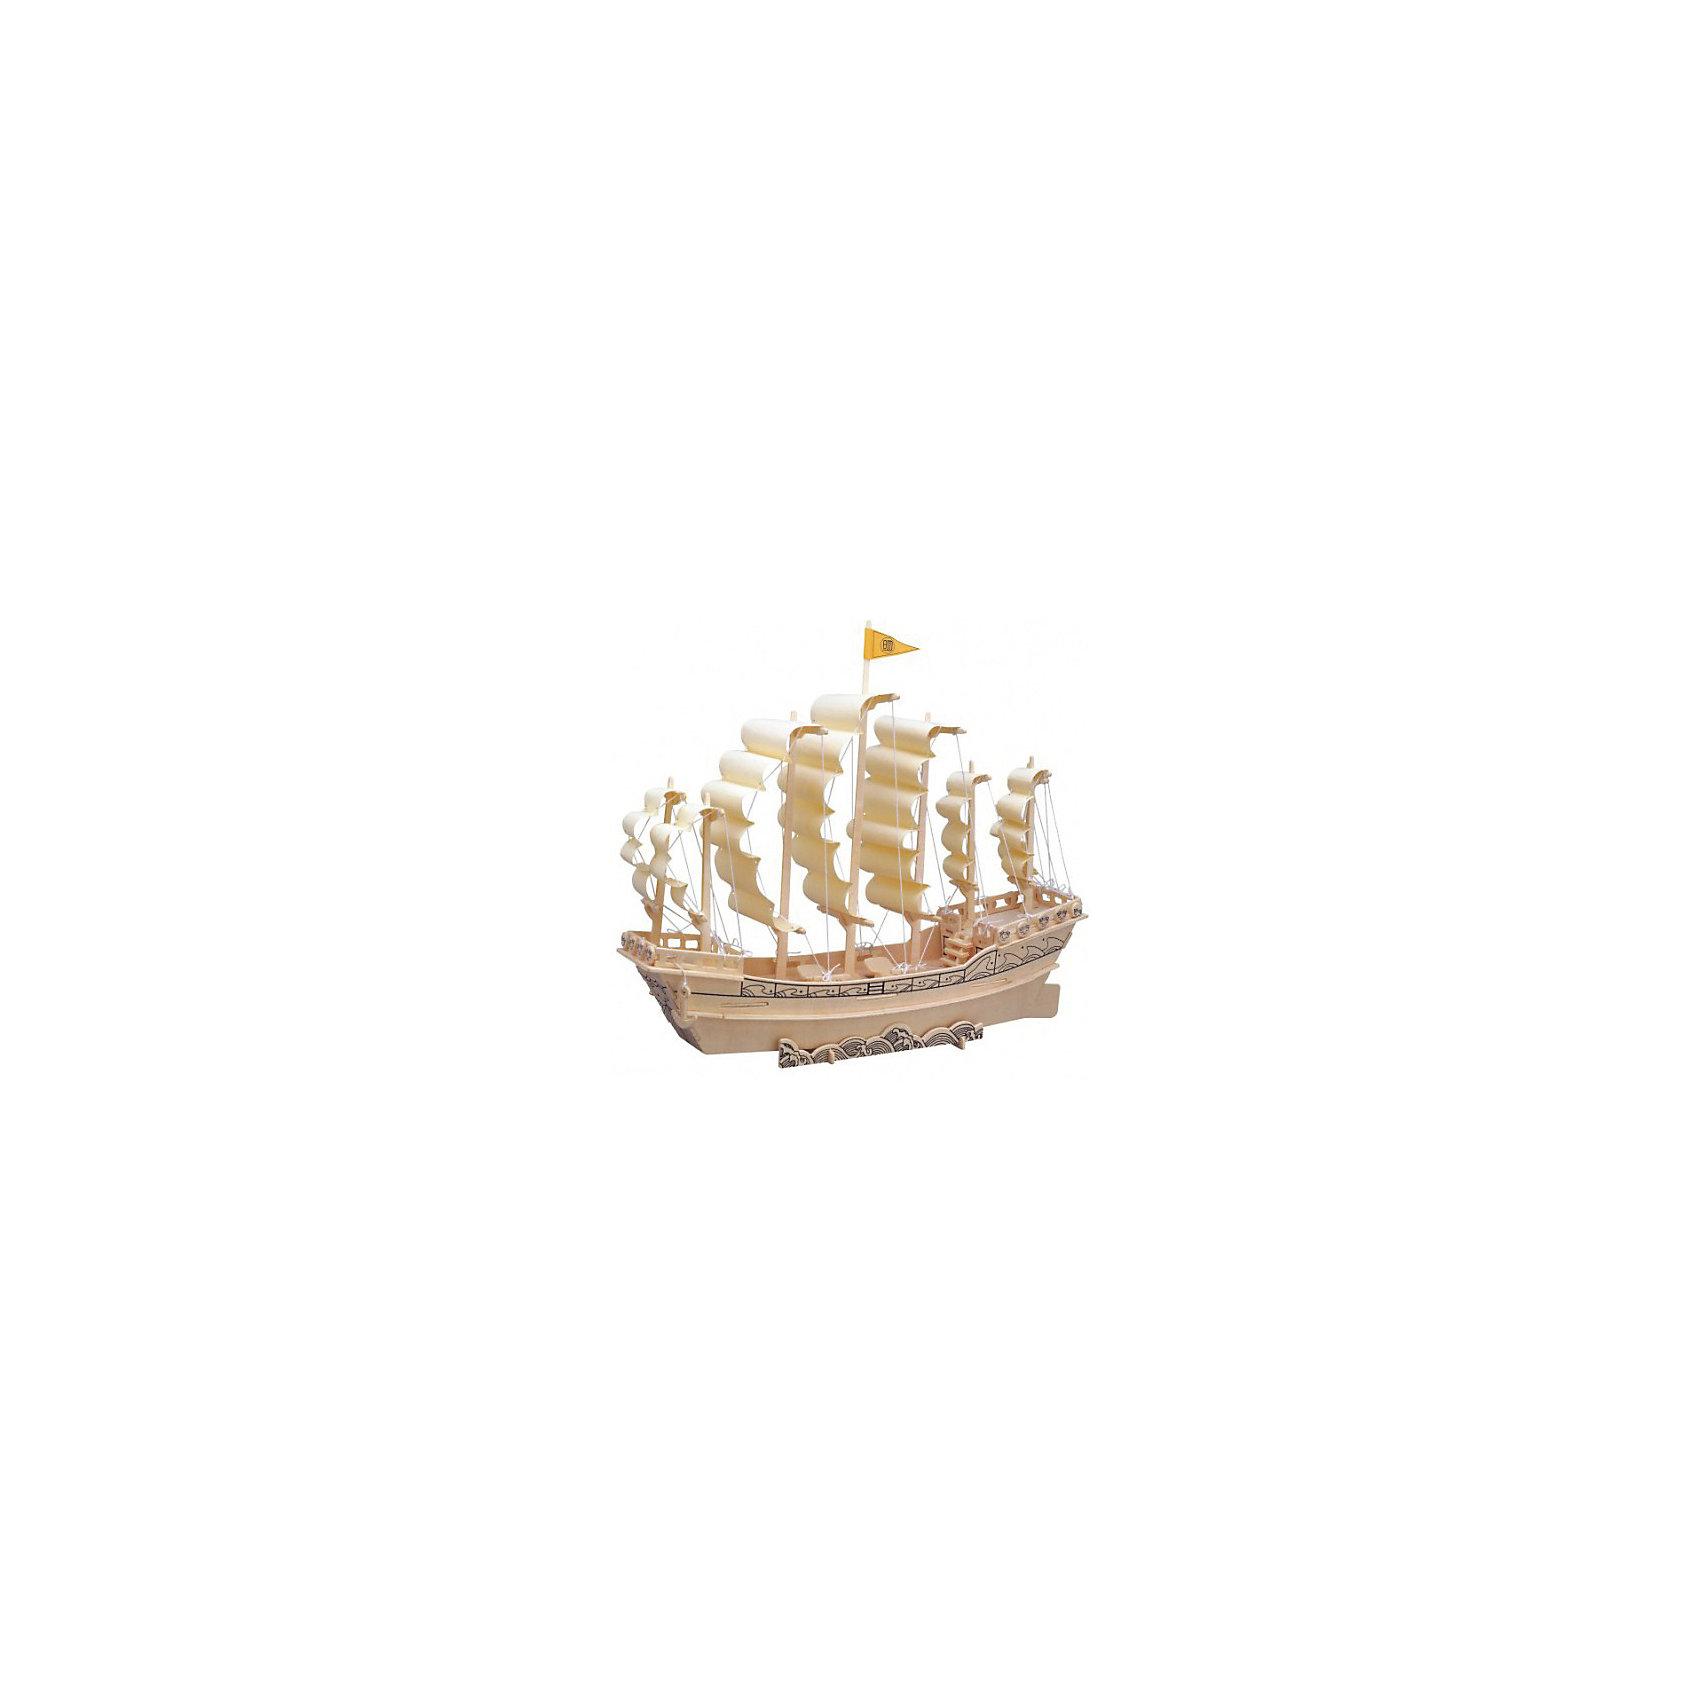 МДИ Парусник Династии Мин, Мир деревянных игрушек игрушка мир деревянных игрушек лабиринт слон д345